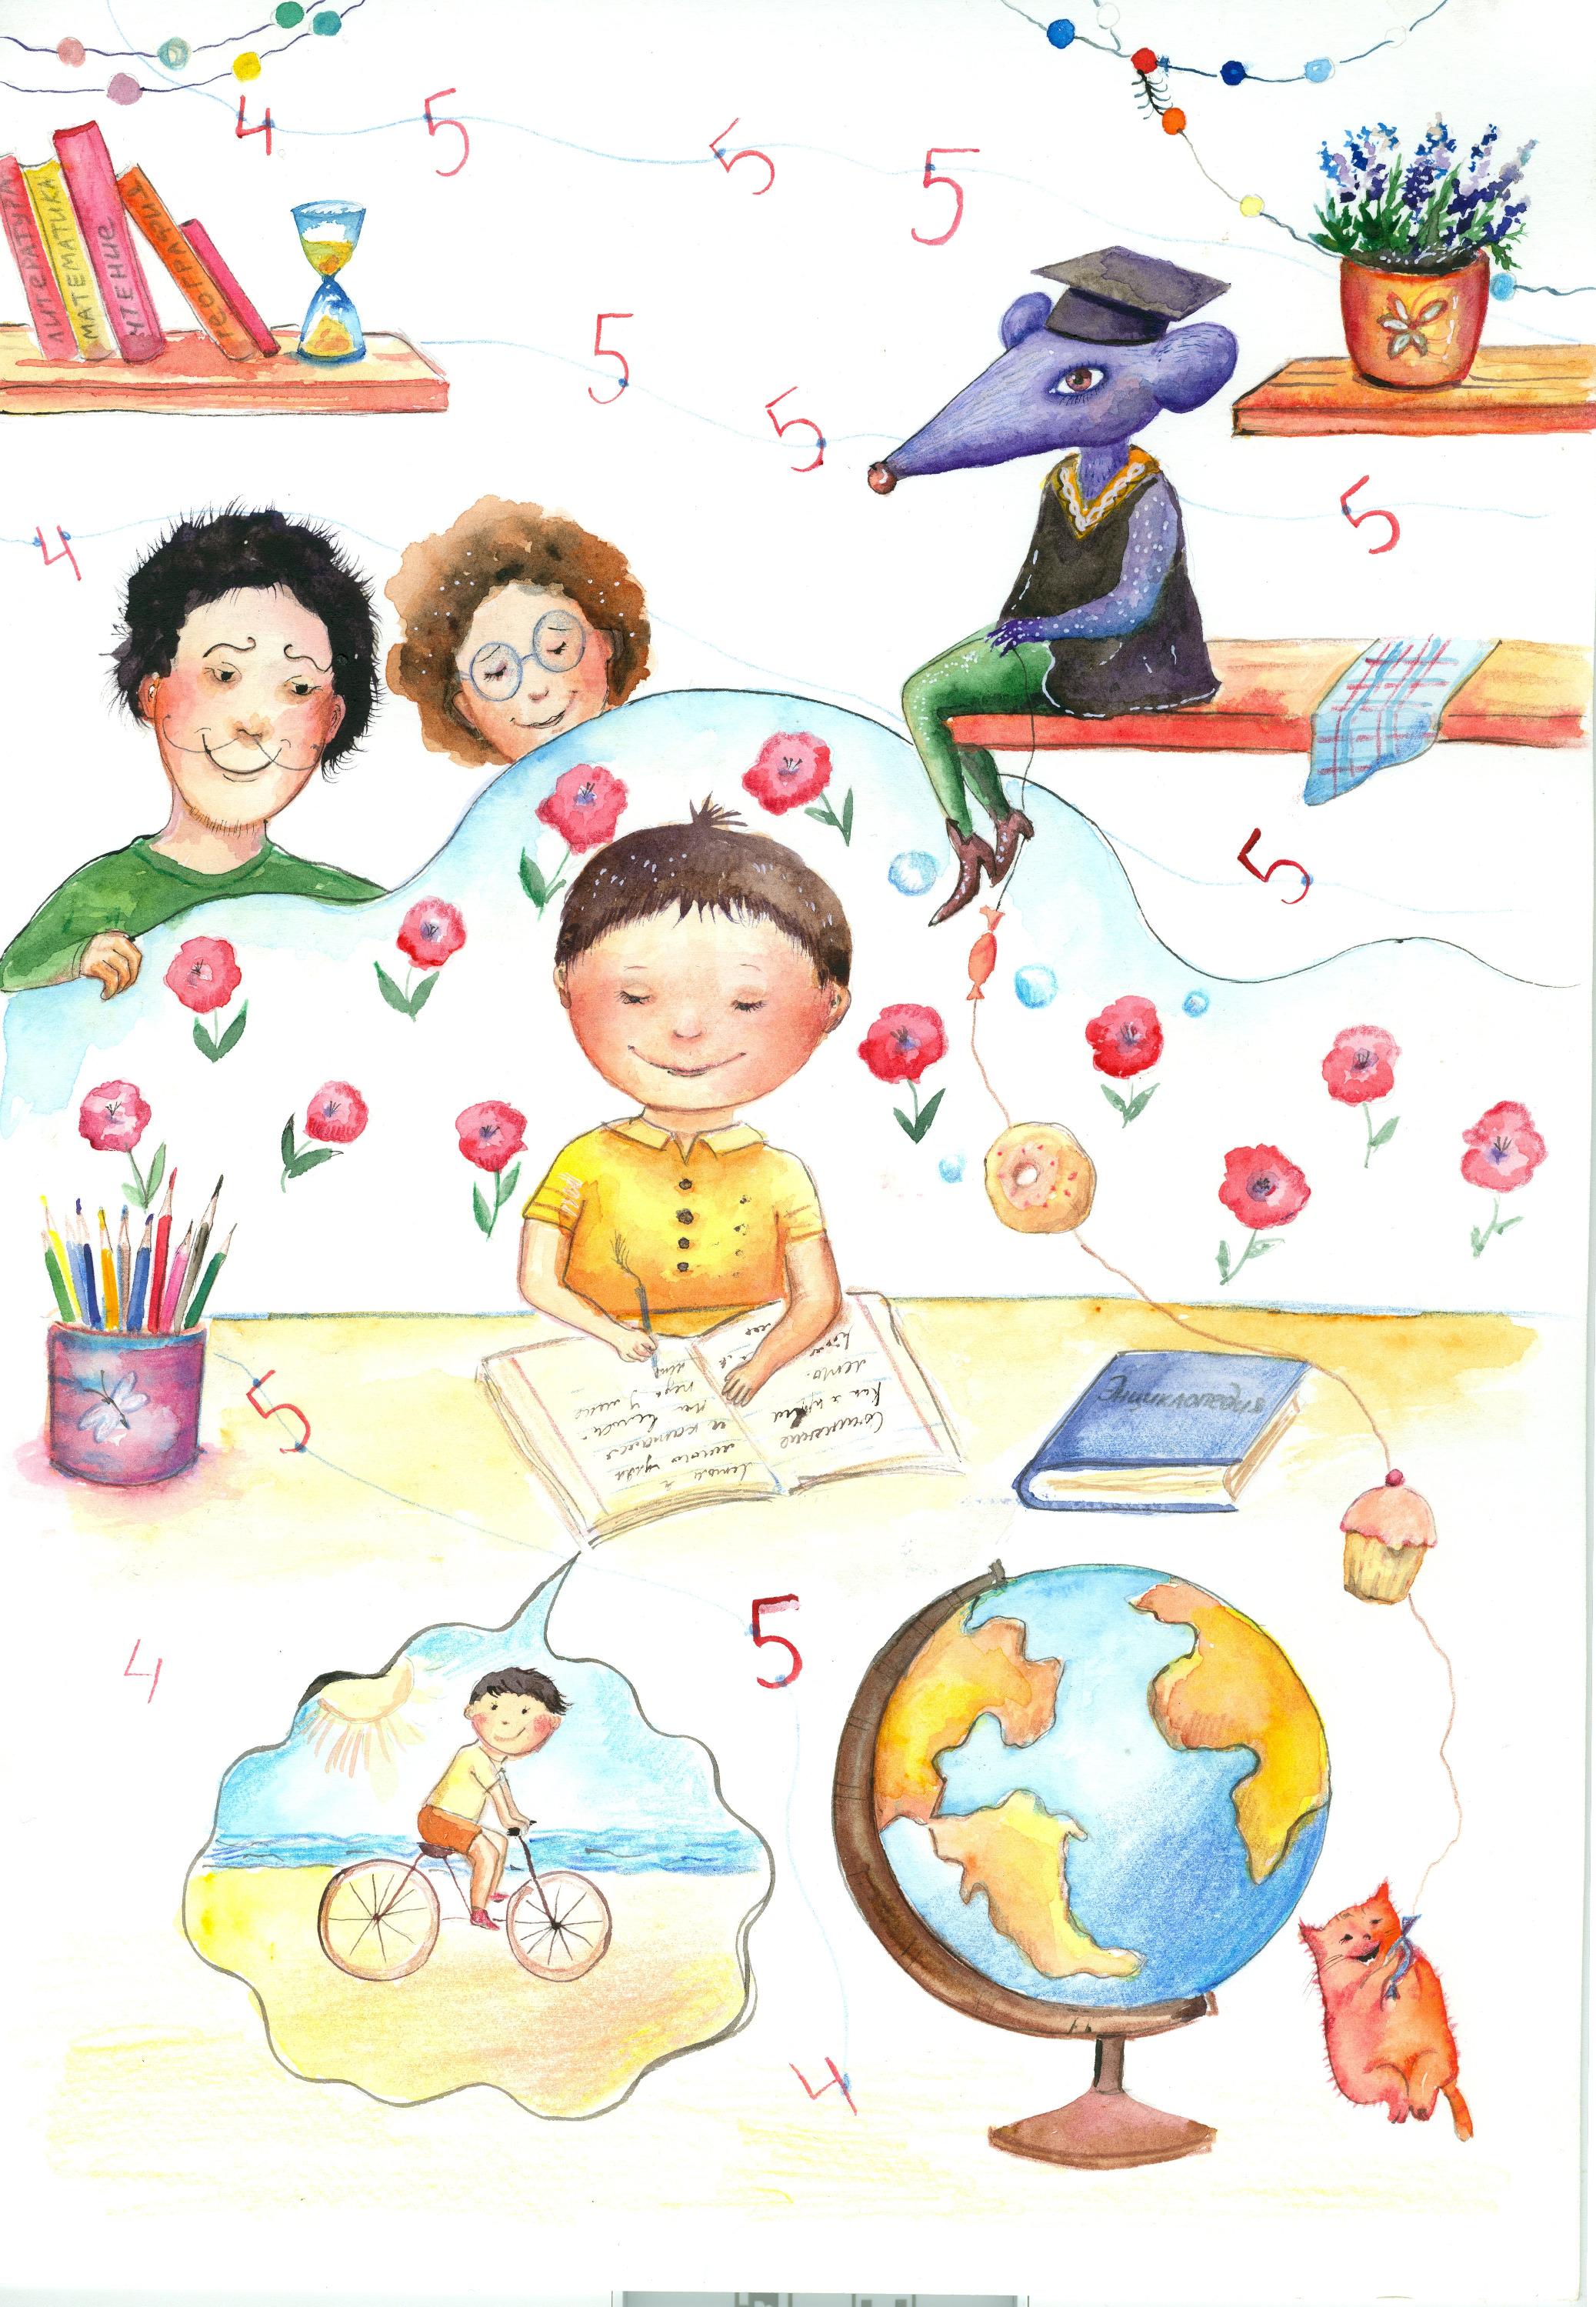 Иллюстрация к главе «Родители и школа»